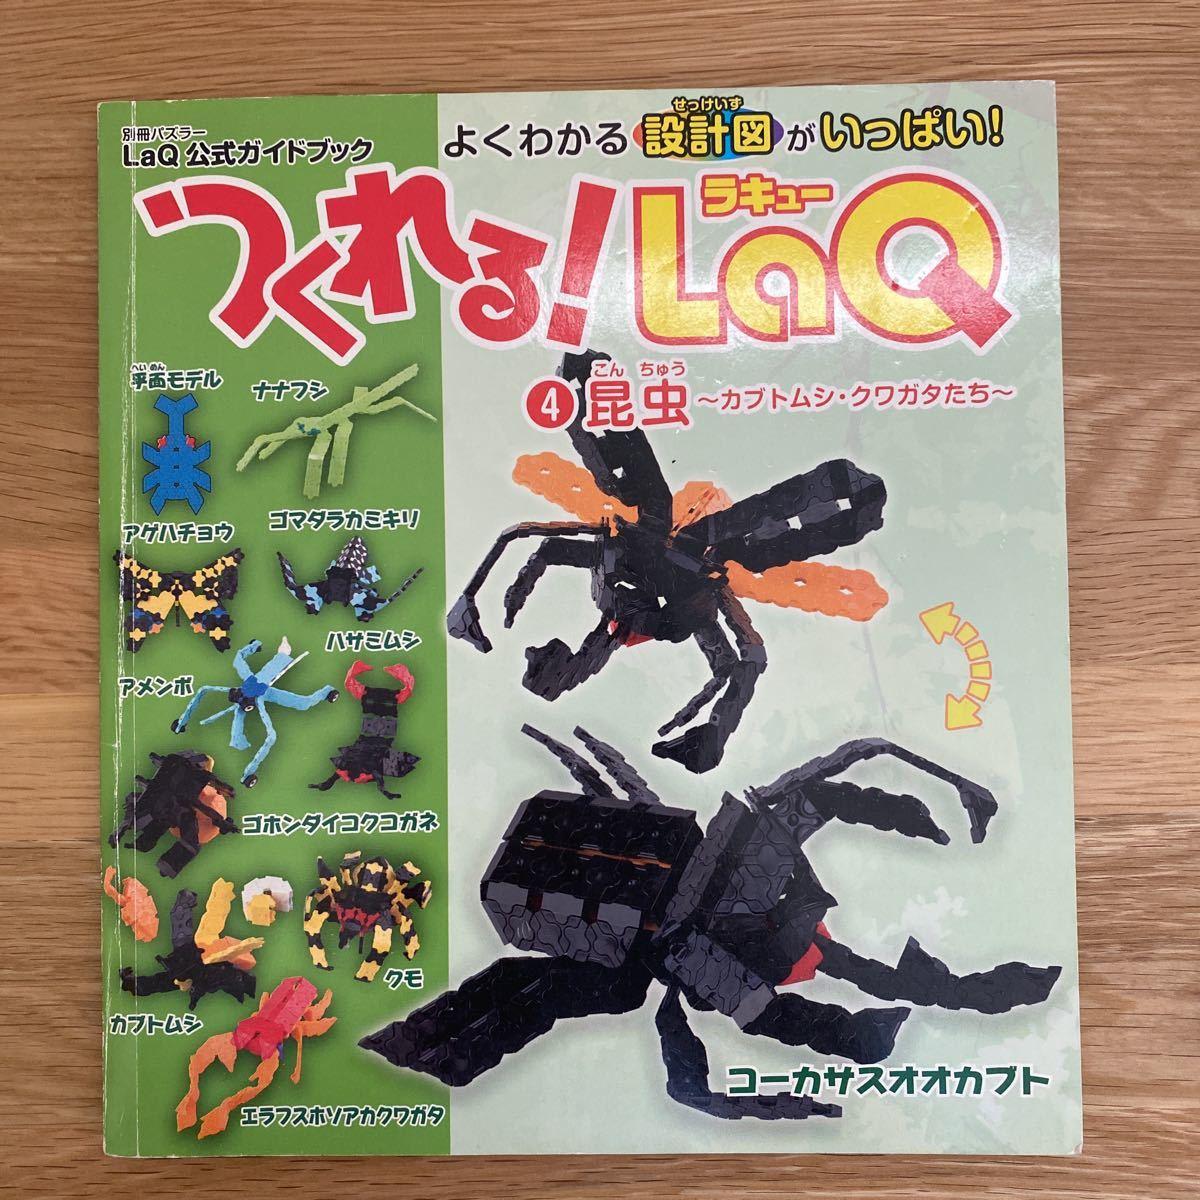 送料無料◇中古◇つくれる!LaQ 4昆虫 設計図 ラキュー ヨシリツ LaQ 本 ガイドブック 作り方の本 説明書_画像1